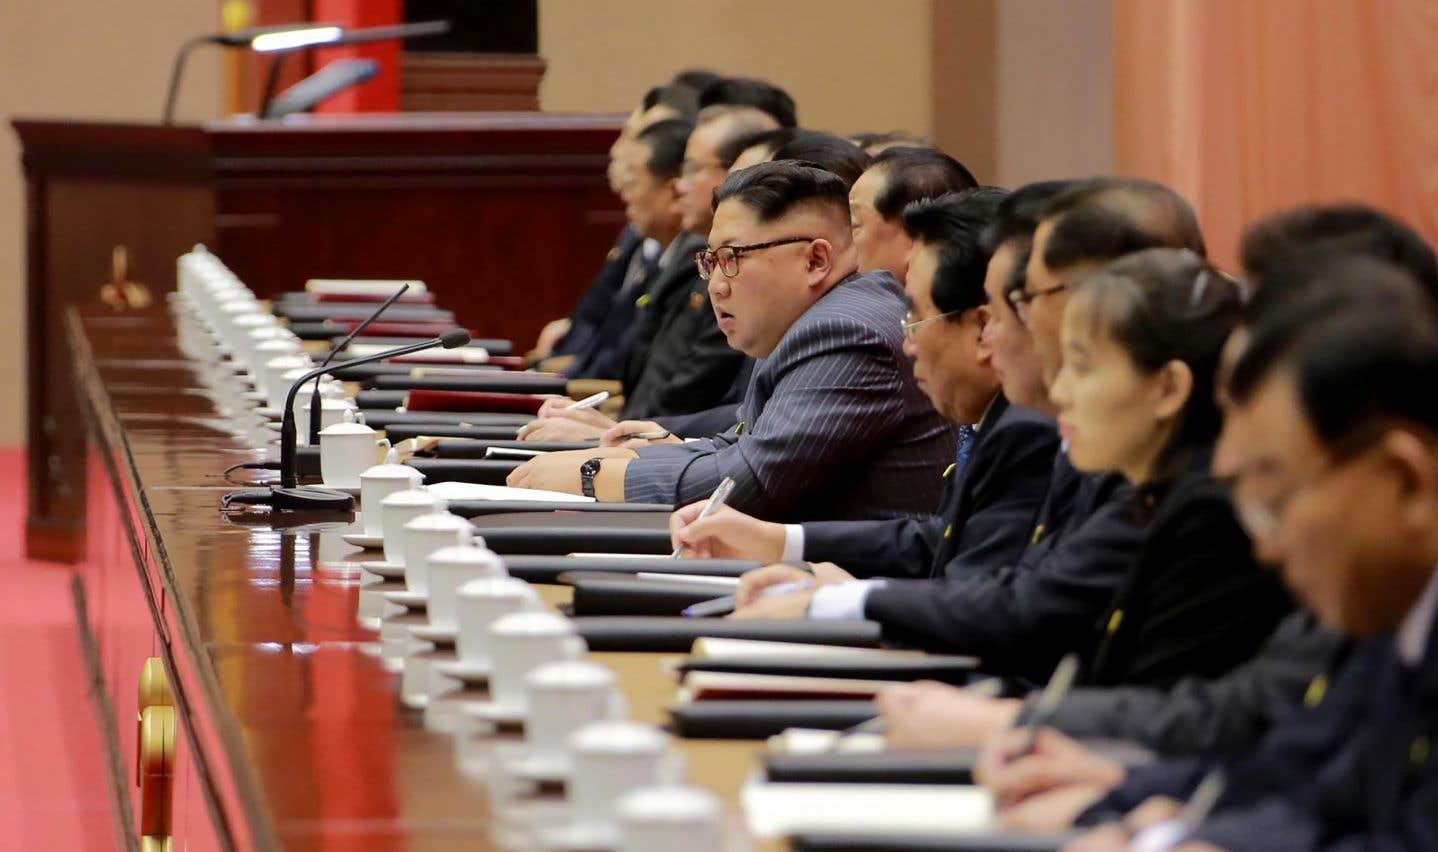 Le dirigeant nord-coréen Kim Jong-Un a proclamé le 29novembre que son pays était devenu un État nucléaire à part entière.